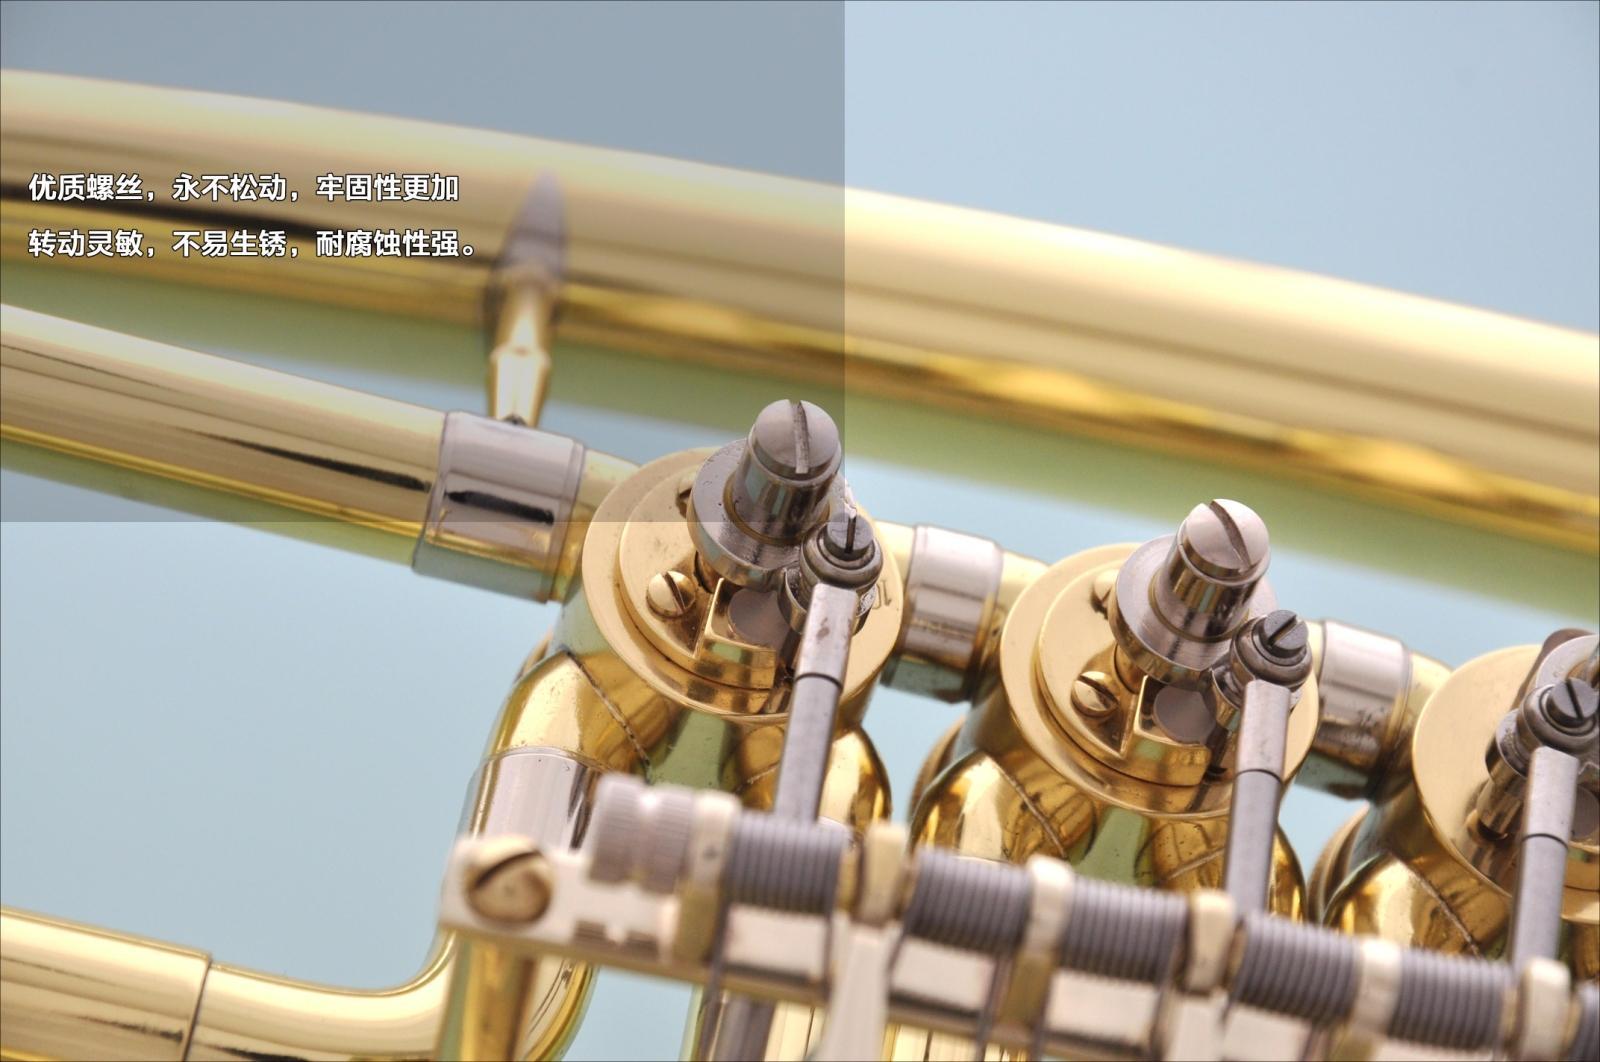 乐器 号 四扁键 三扁键 大号 抱号 号 上低音 扁键次中音 正品